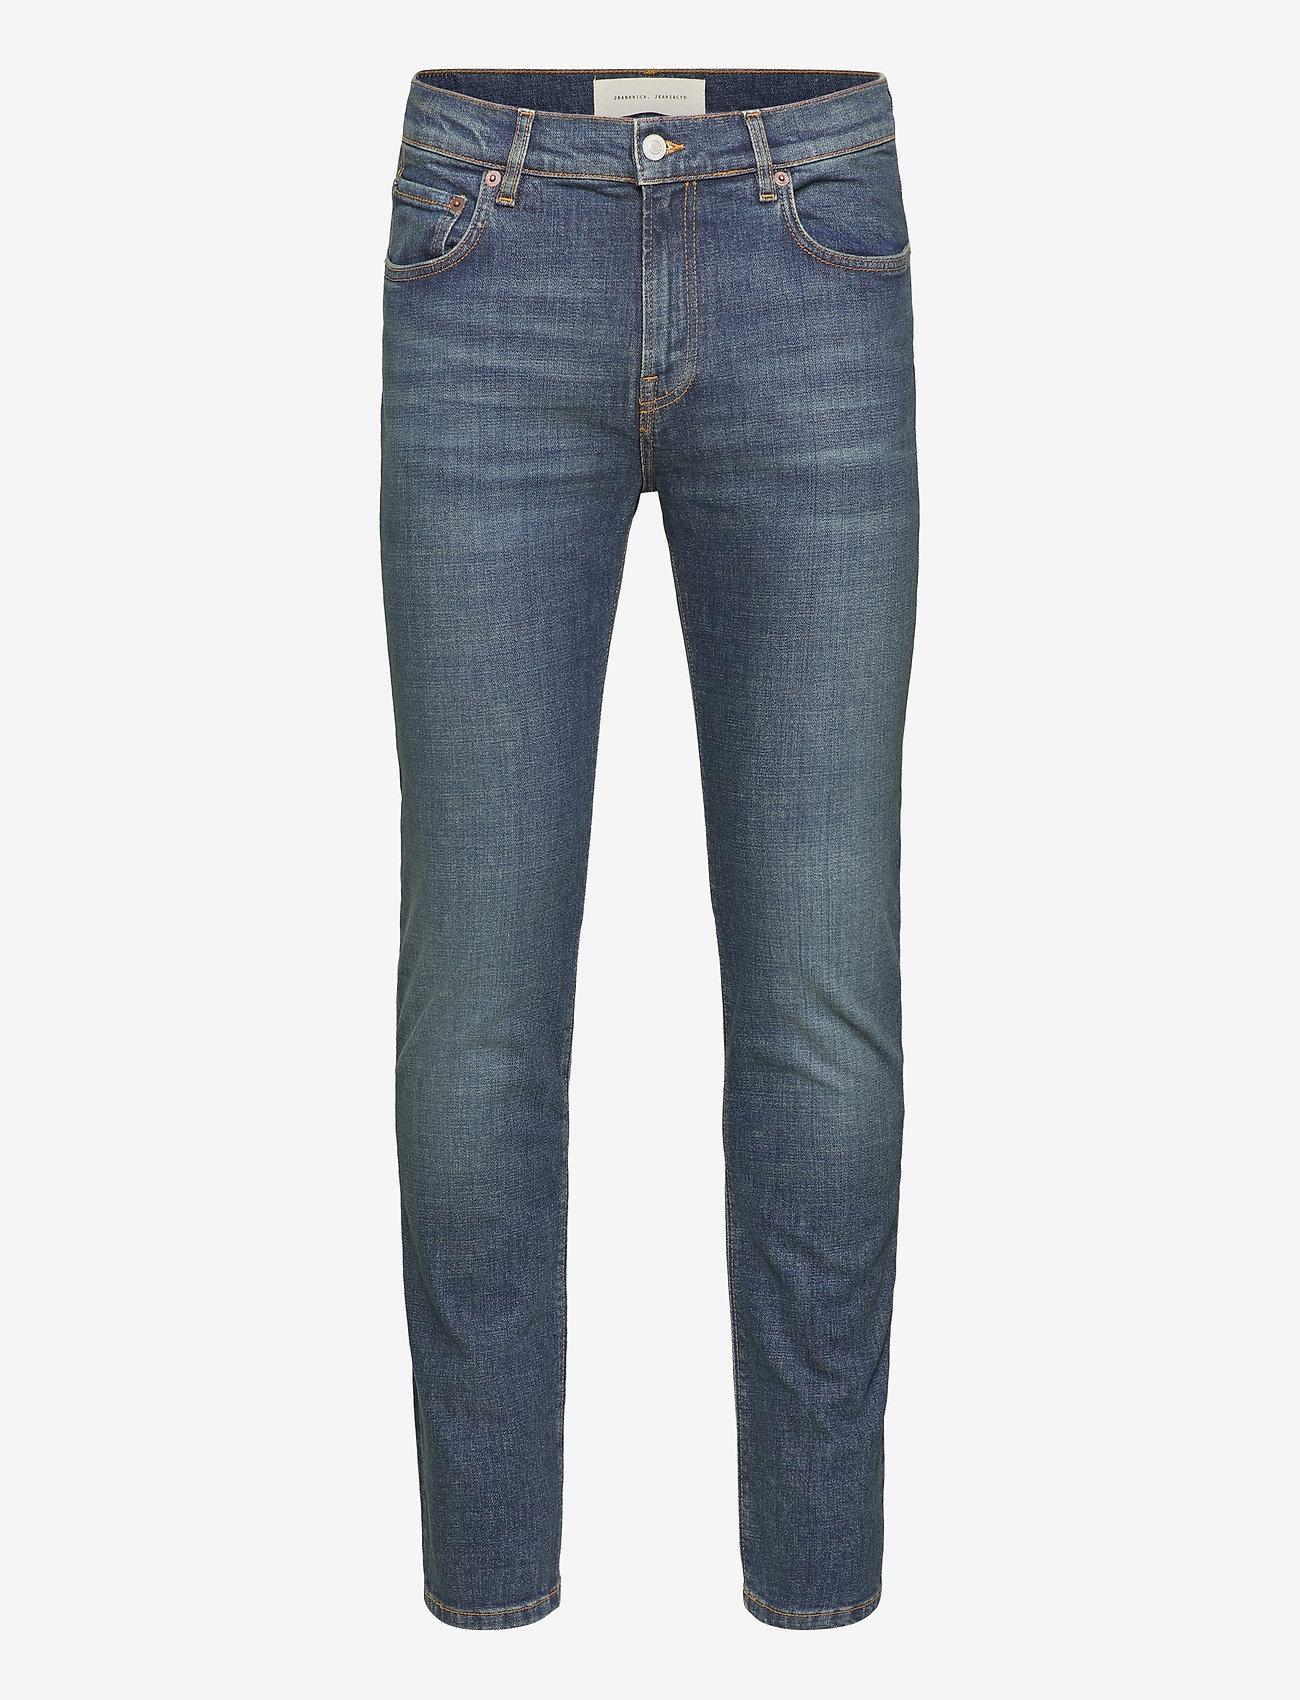 Jeanerica - SM001 - slim jeans - dark vintage - 1